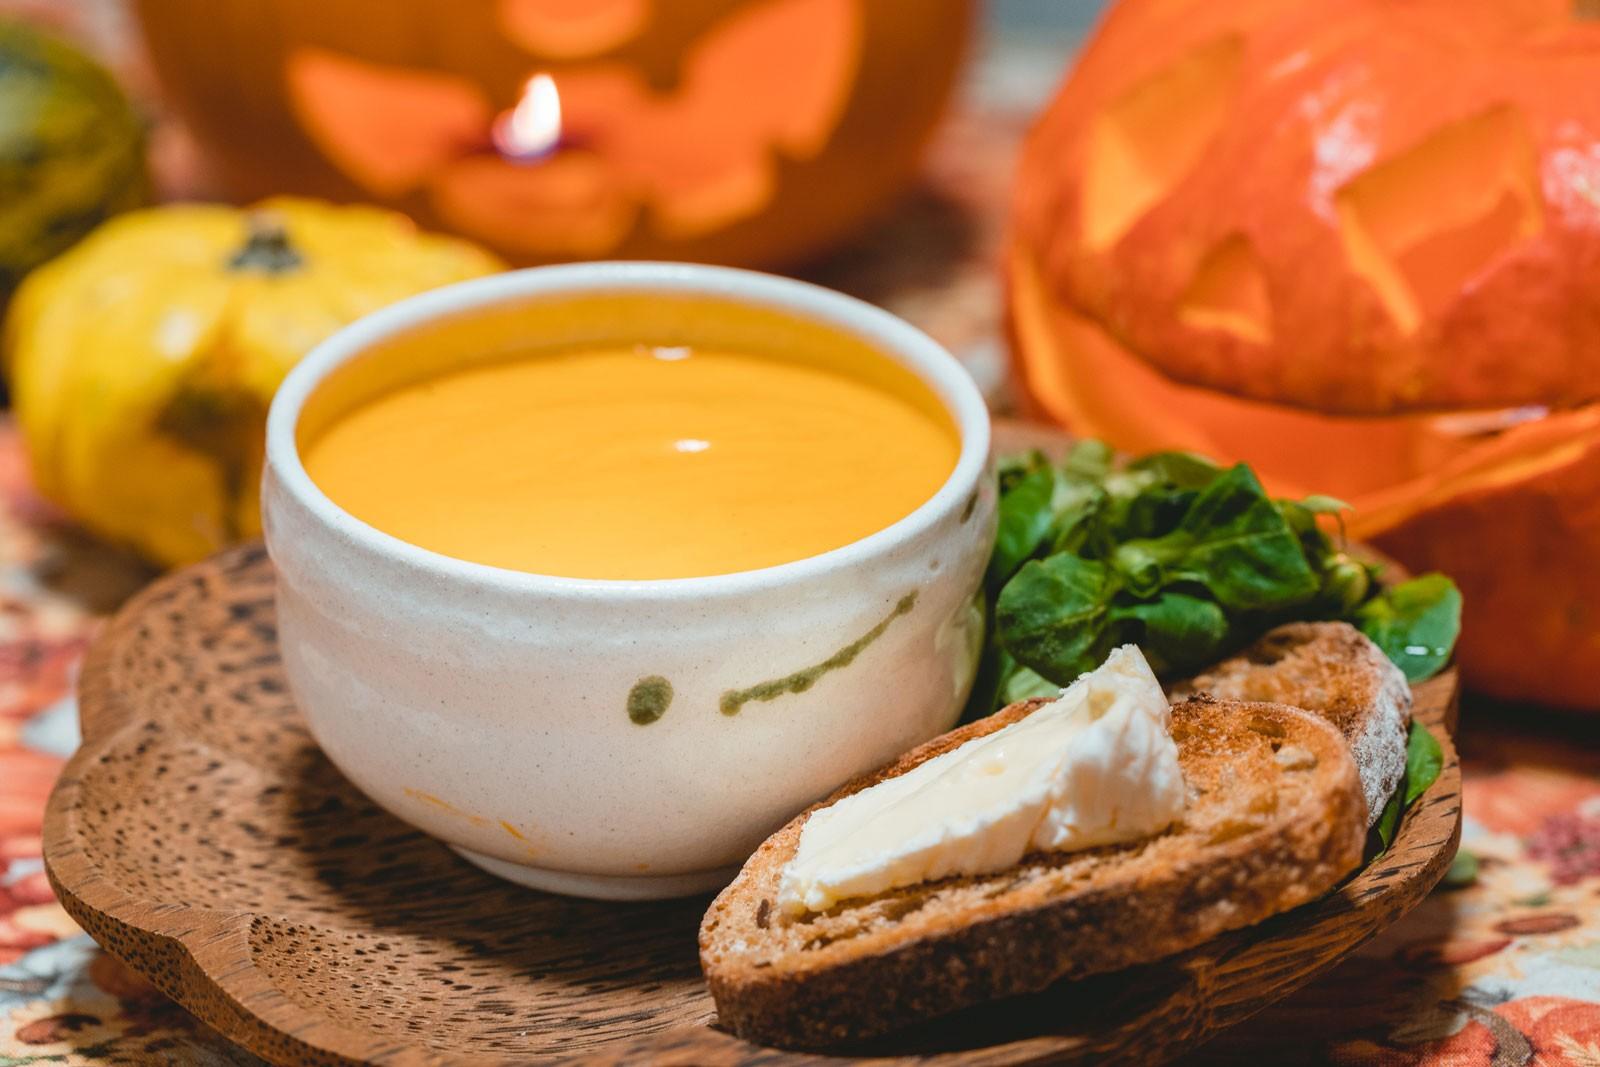 ninaah bulles, citrouilles, citrouille, halloween, recette, velouté, patate douce, lait de coco, soupe